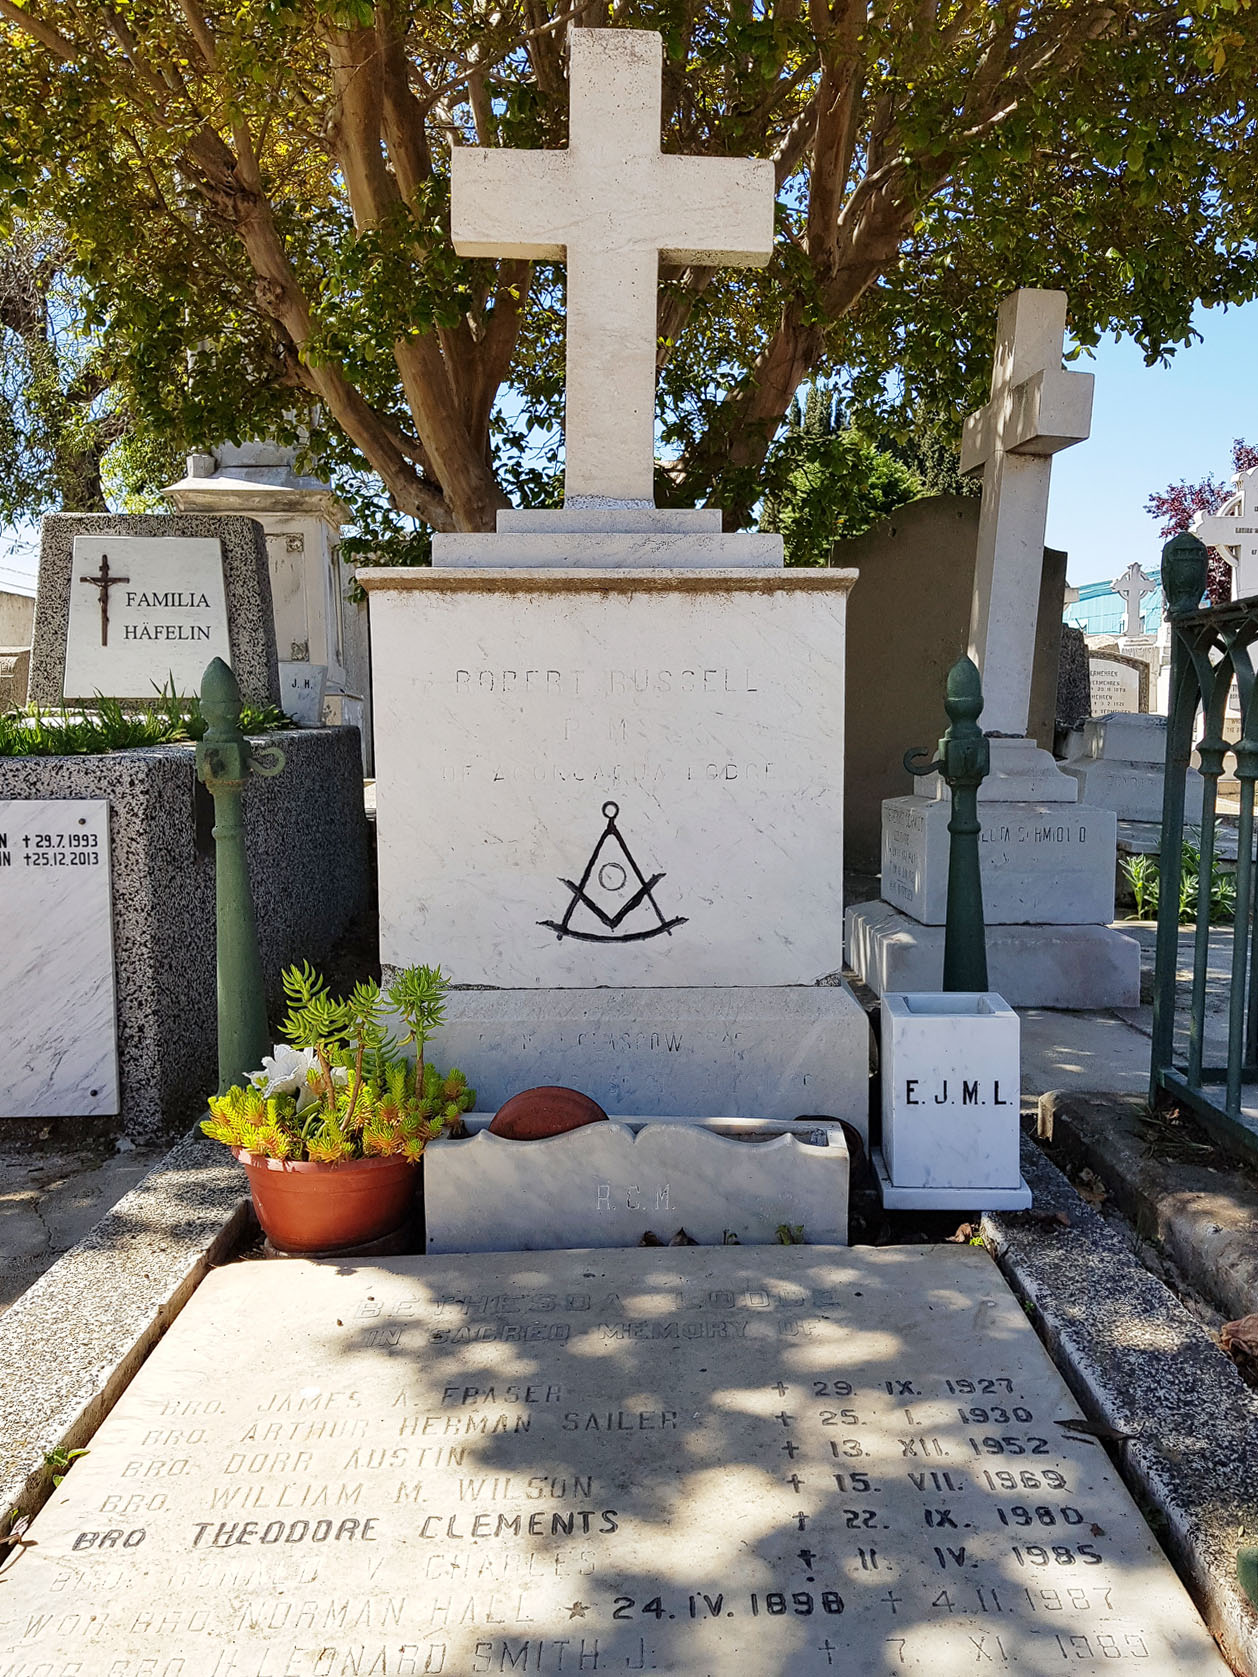 Am Dissidentenfriedhof Valparaiso wurden Juden, Freimaurer, Protestanten usw. begraben